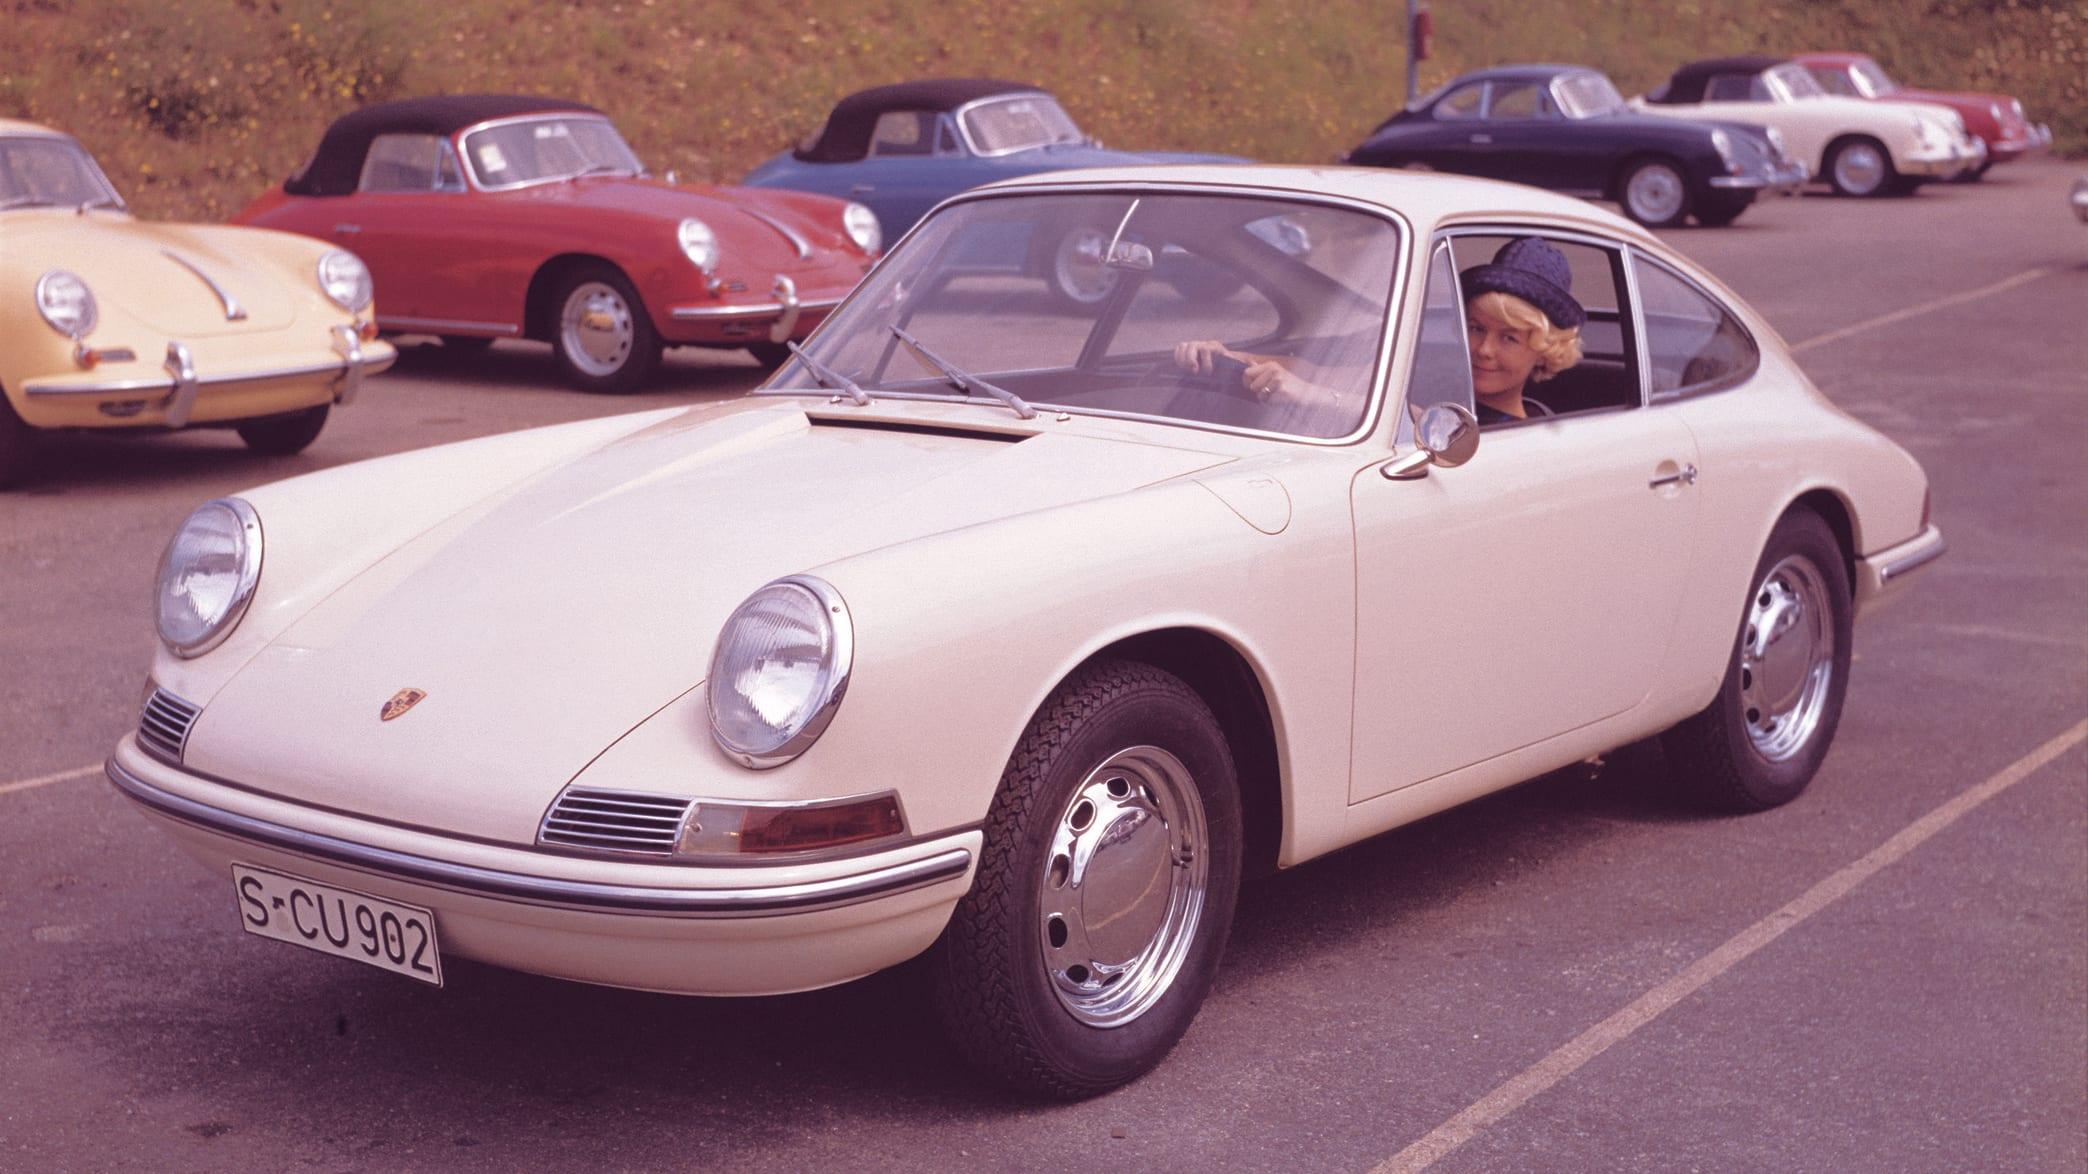 Porsche 911 fahrend auf der Straße